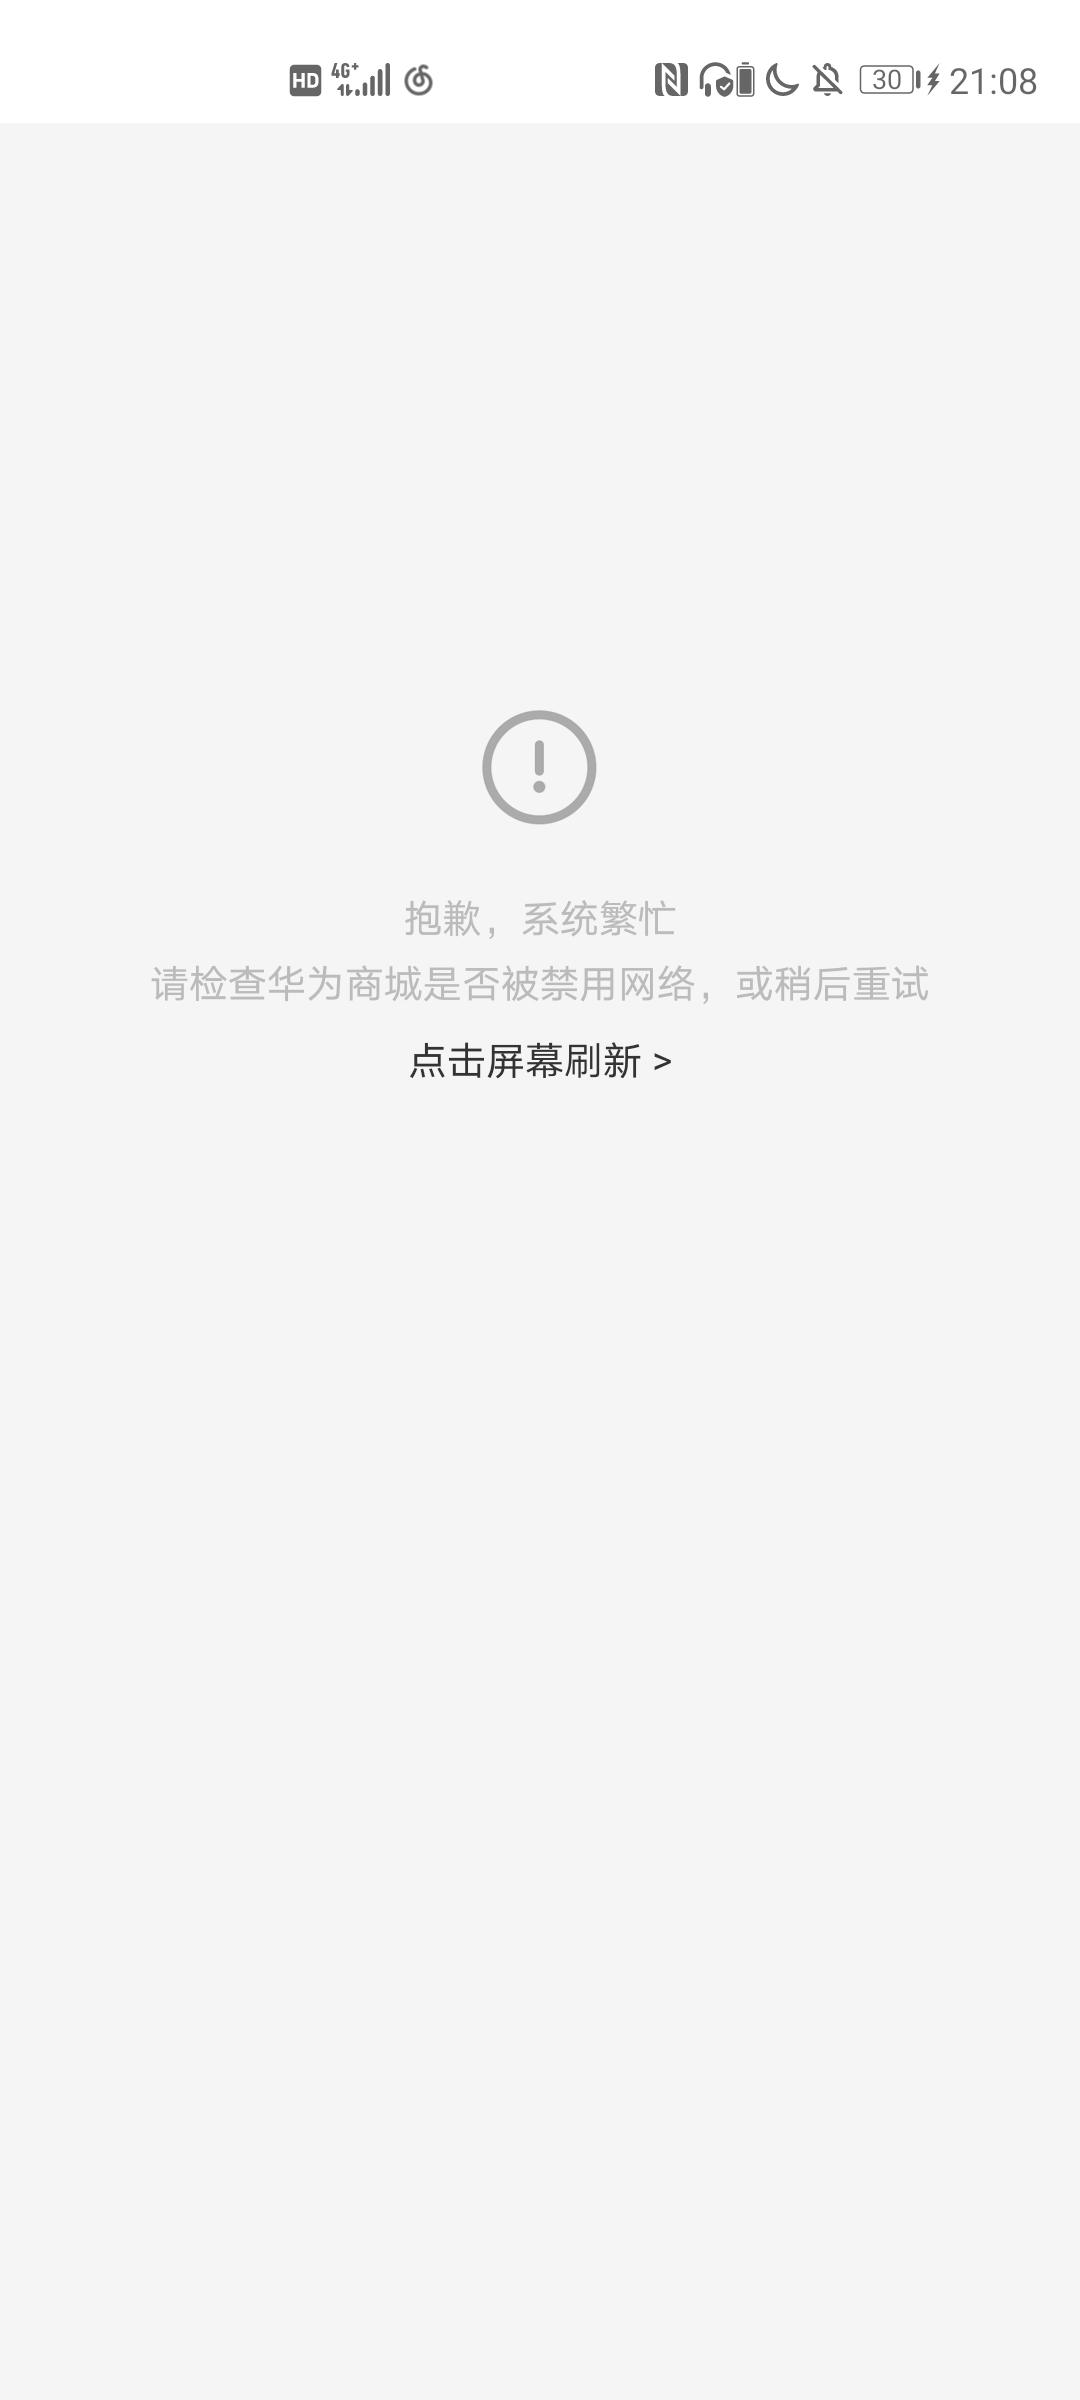 Screenshot_20200607_210850_com.vmall.client.jpg